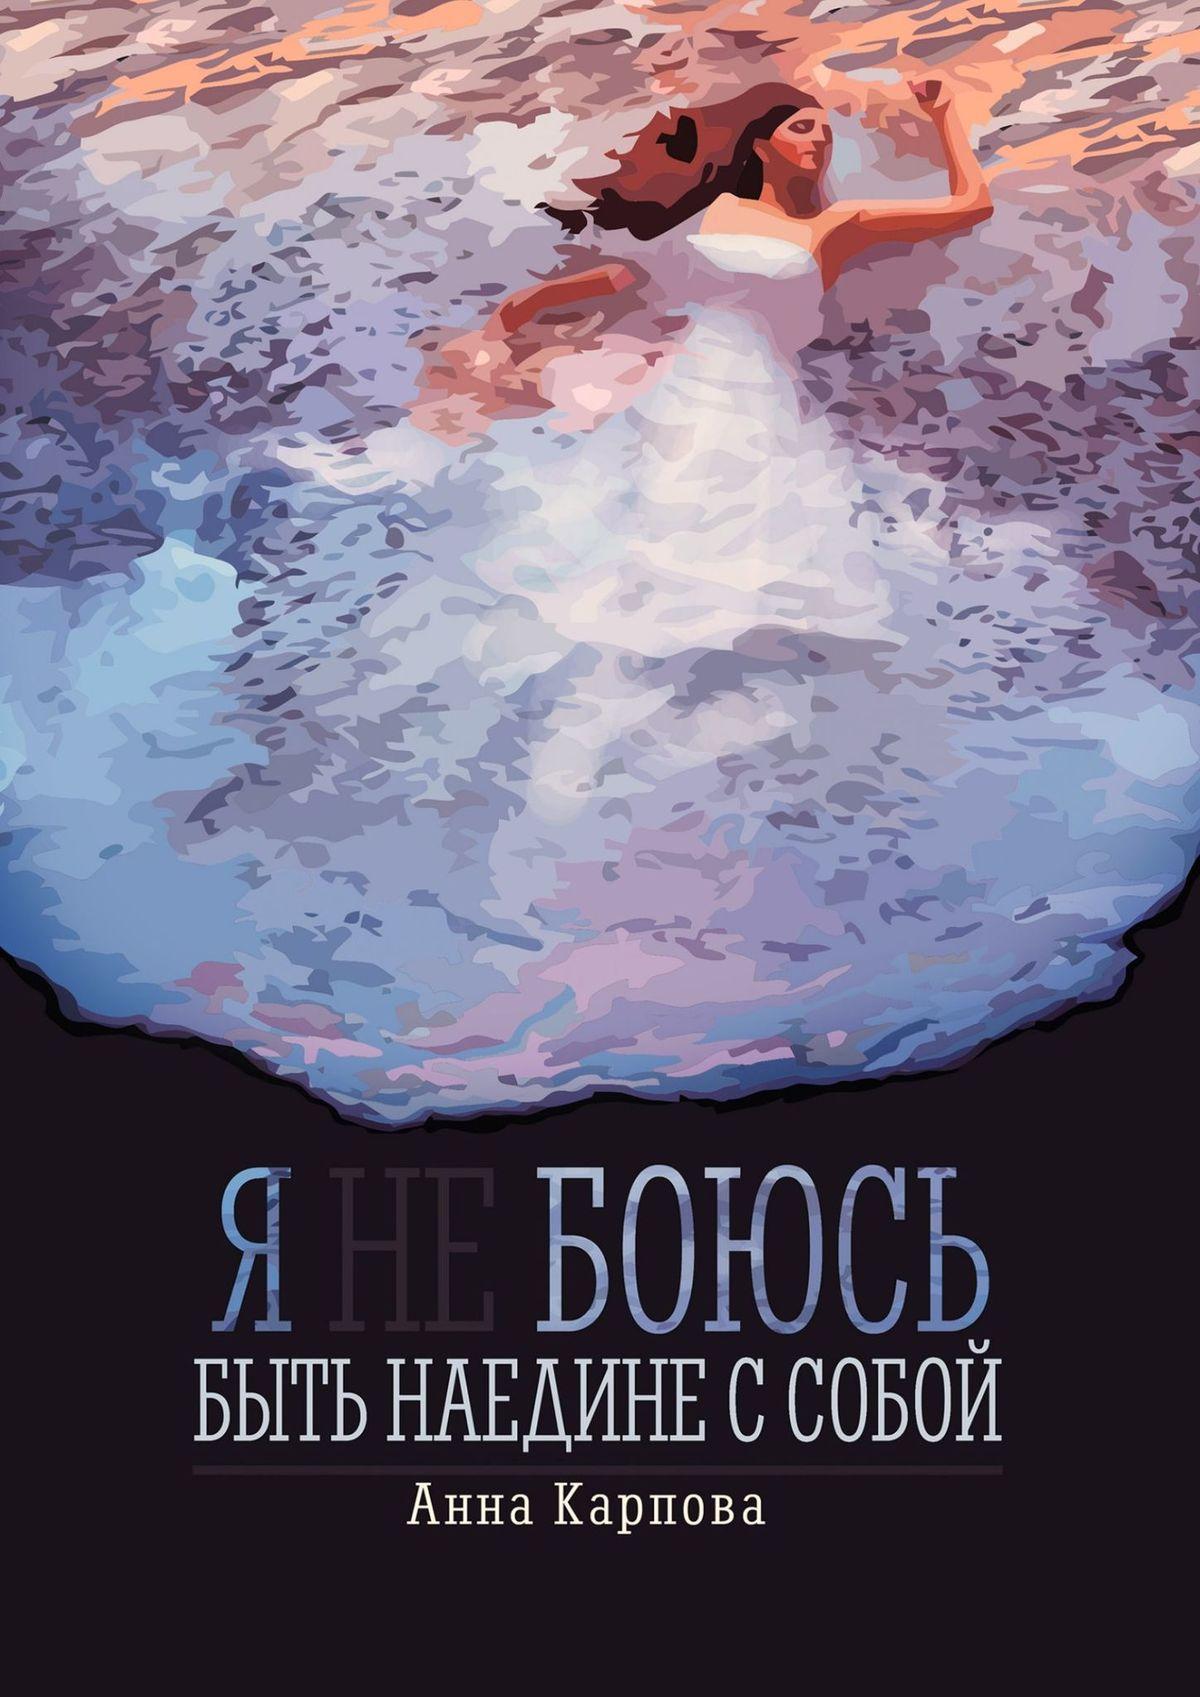 Анна Карпова Я не боюсь быть наедине с собой